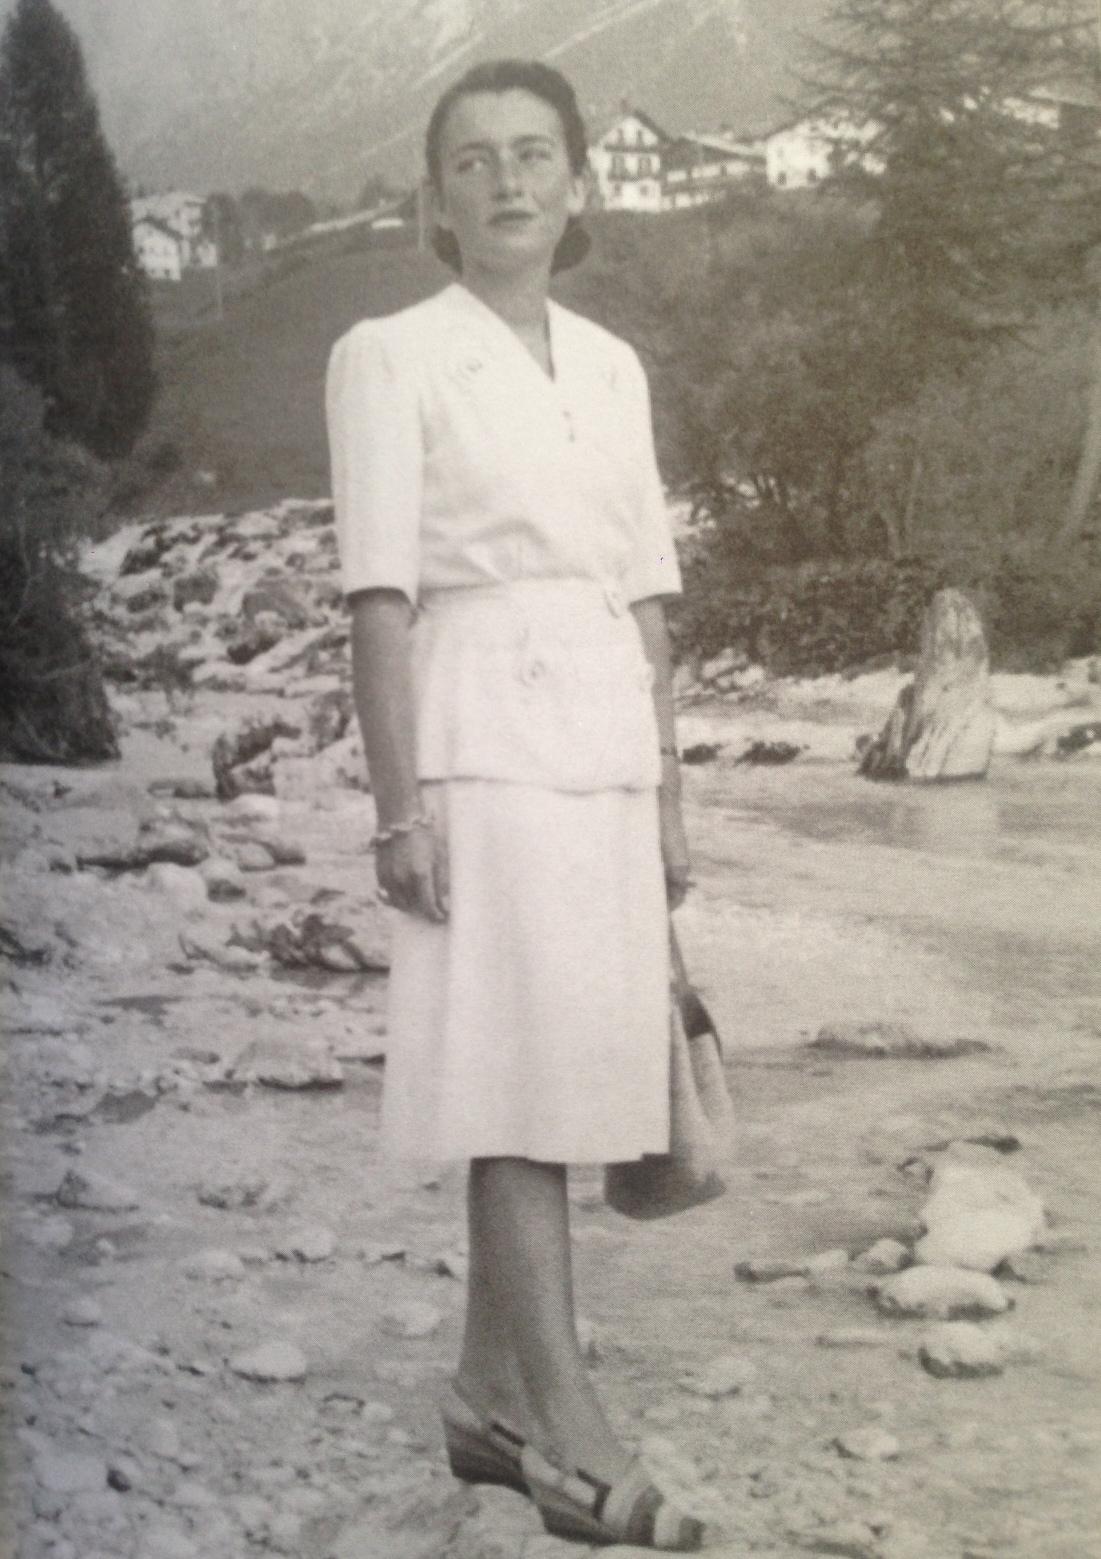 Minha avó em Cortina D'ampezzo nos anos 40 com sapatos Ferragamo.